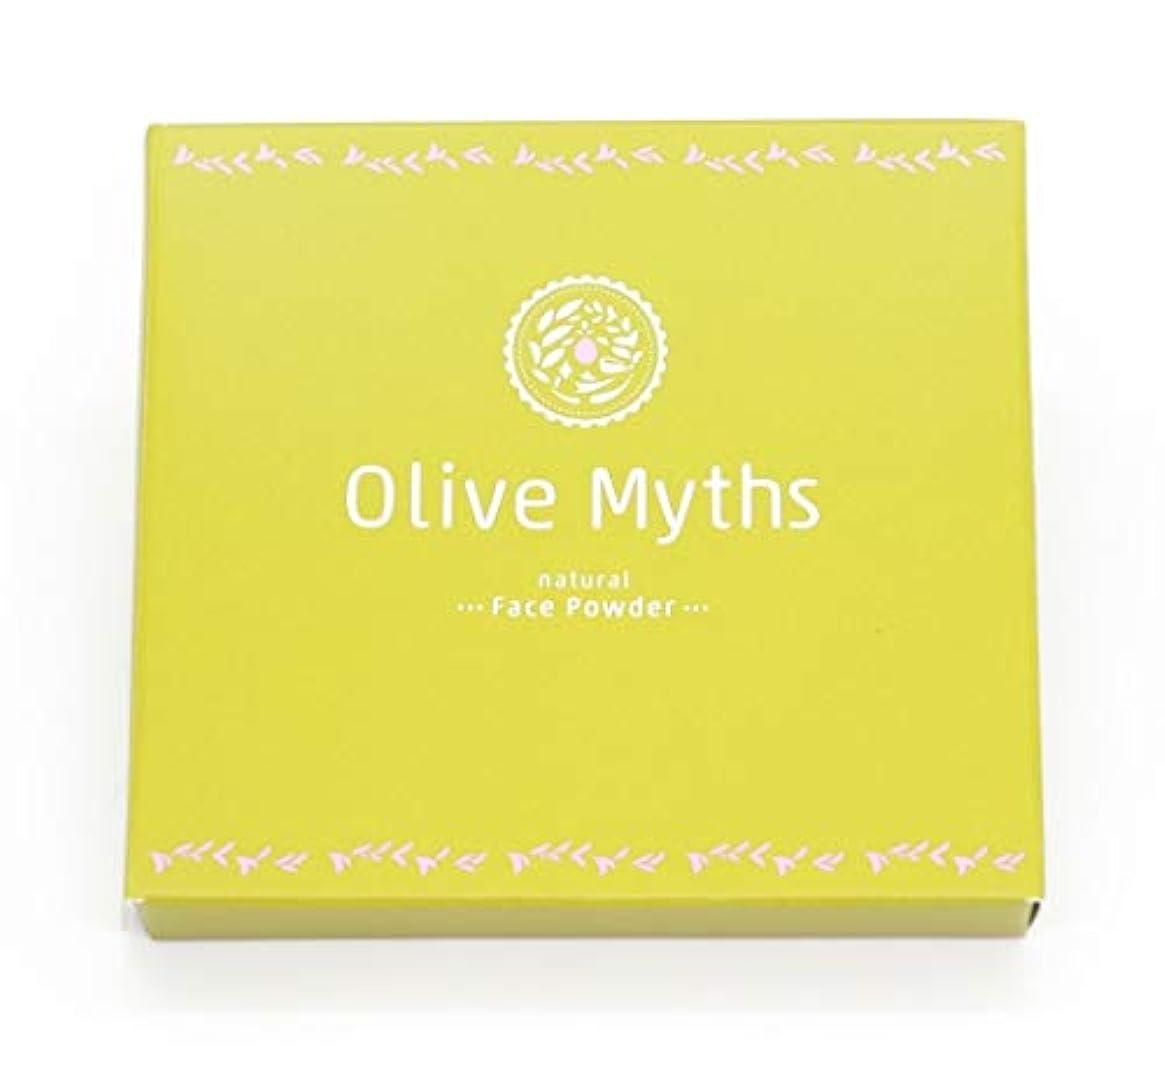 破裂プラカード退屈させるmaestria. OliveMyths 『Myths ナチュラルパウダーファンデーション(サンカット)』 レフィル11g